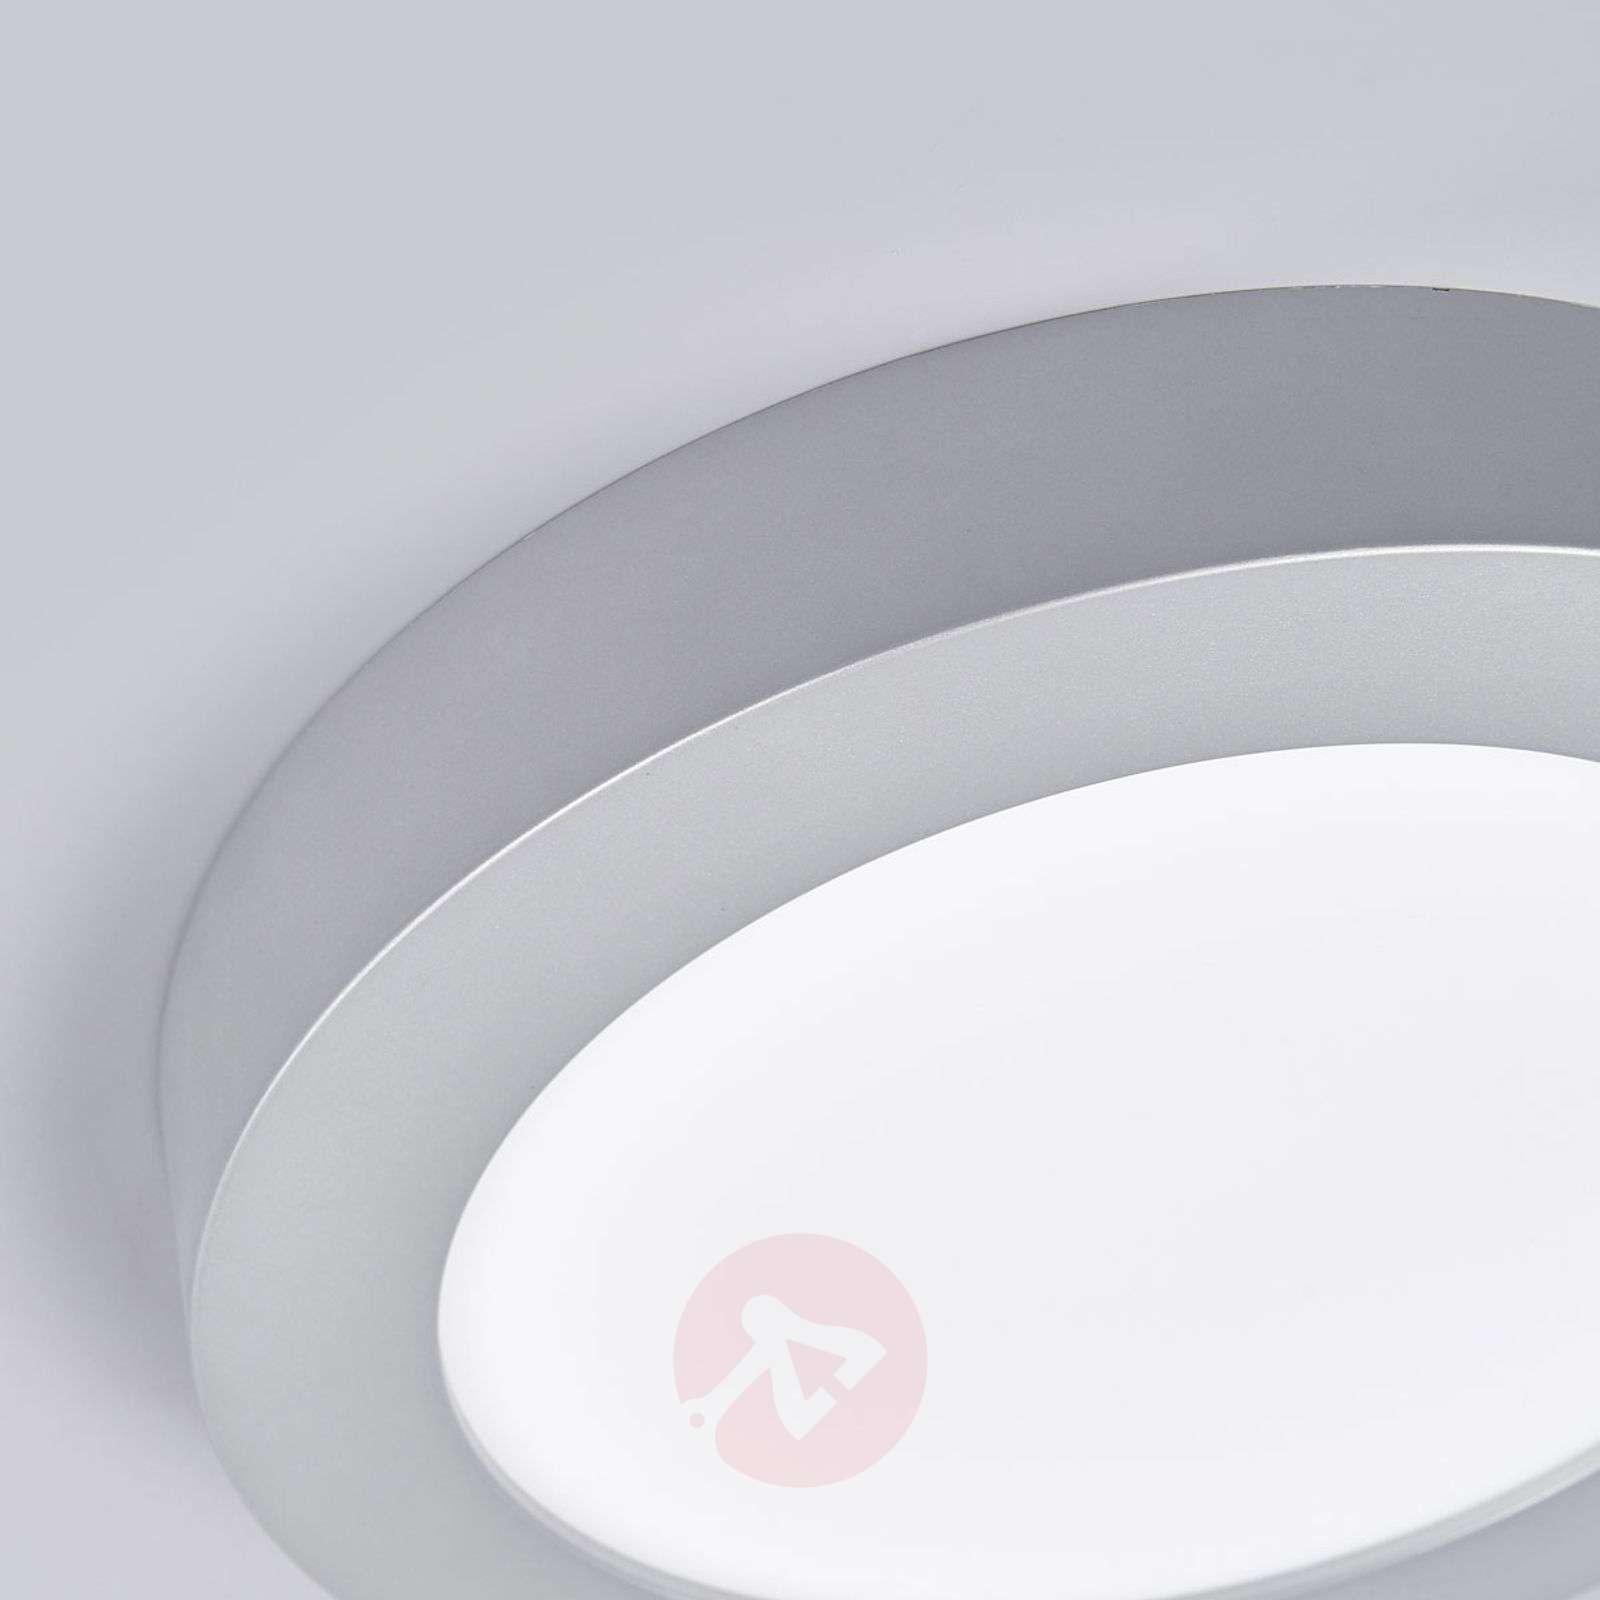 Marlo-LED-kattovalaisin kylpyhuoneeseen, IP44-9978053-02